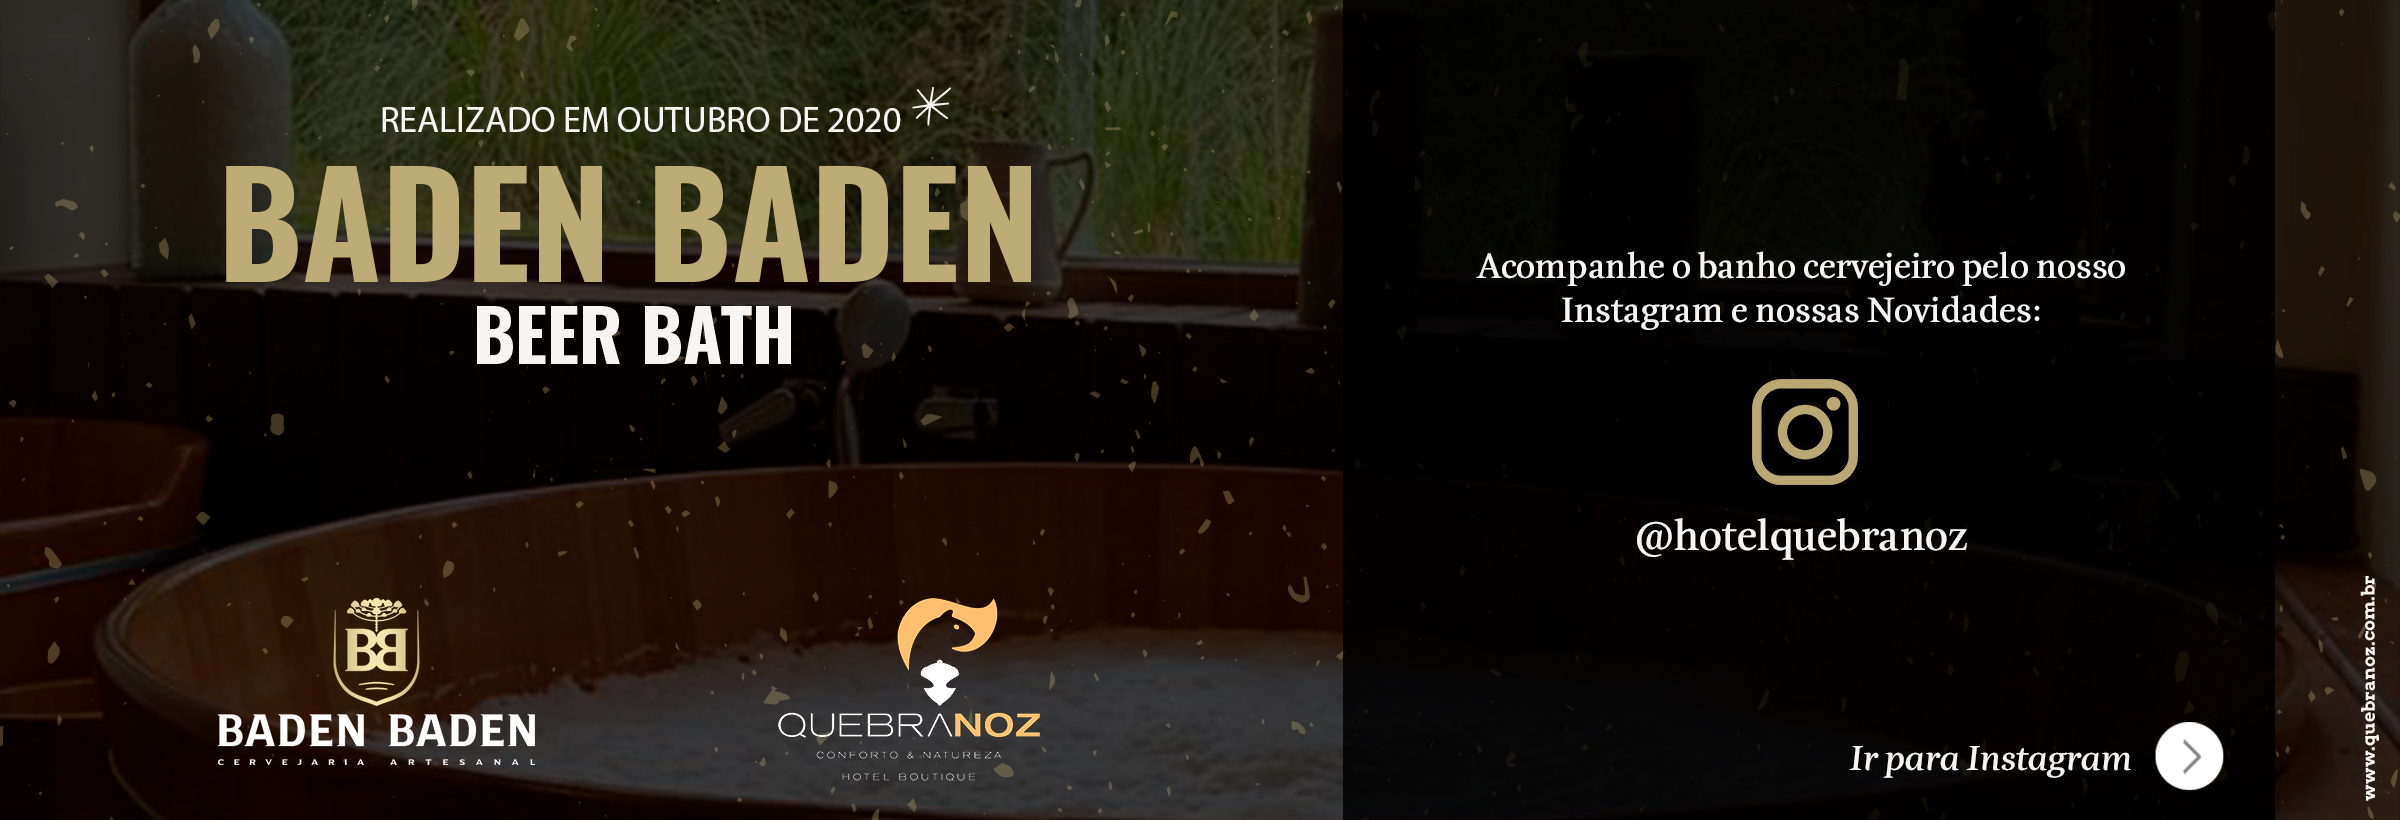 Baden Baden Beer Bath - Outubro de 2020 no Hotel Boutique Quebra-Noz